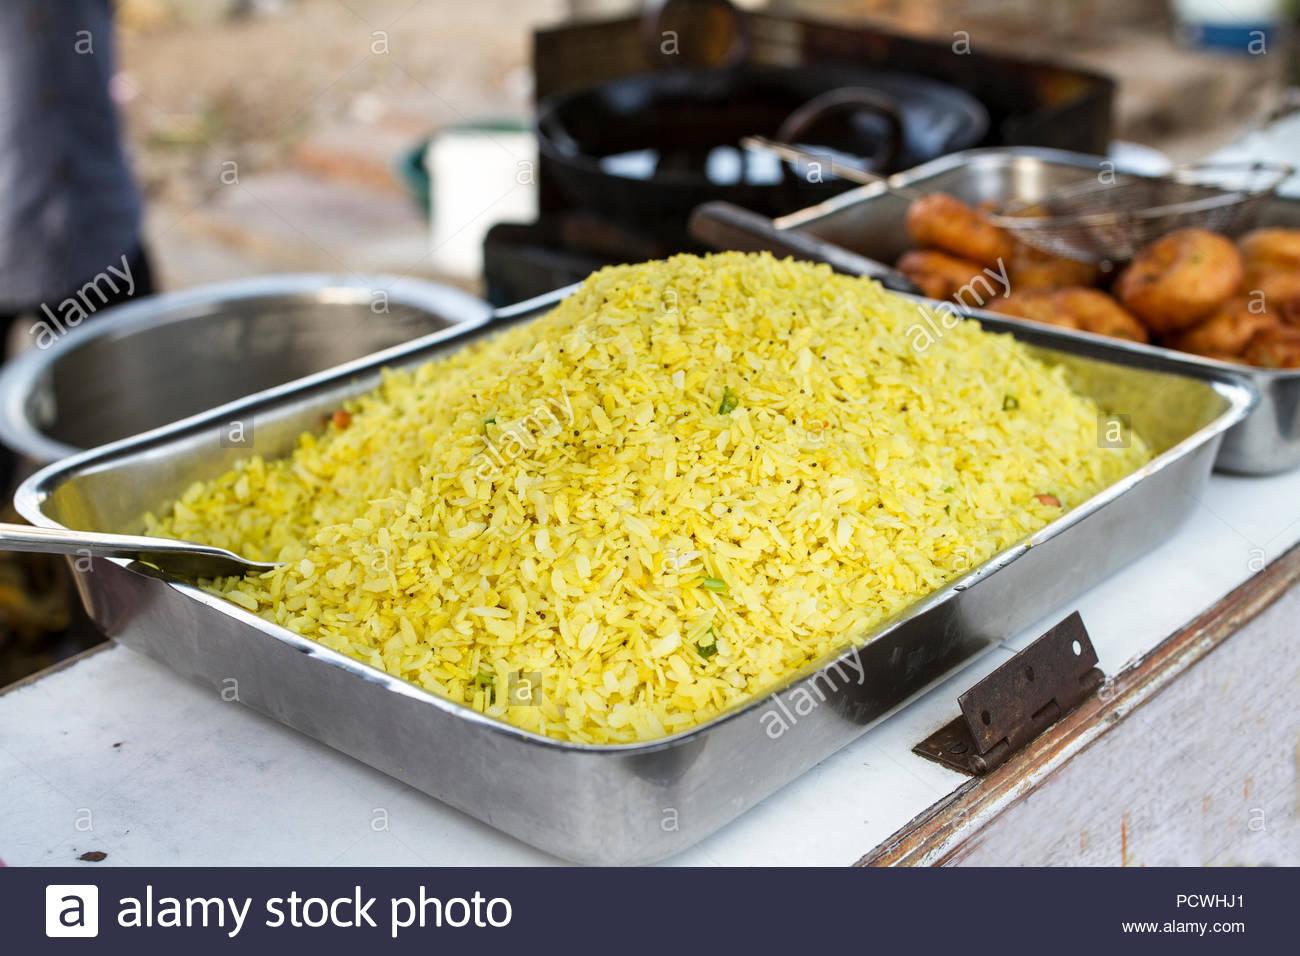 Maharashtrian Food Stock Photos & Maharashtrian Food Stock Images